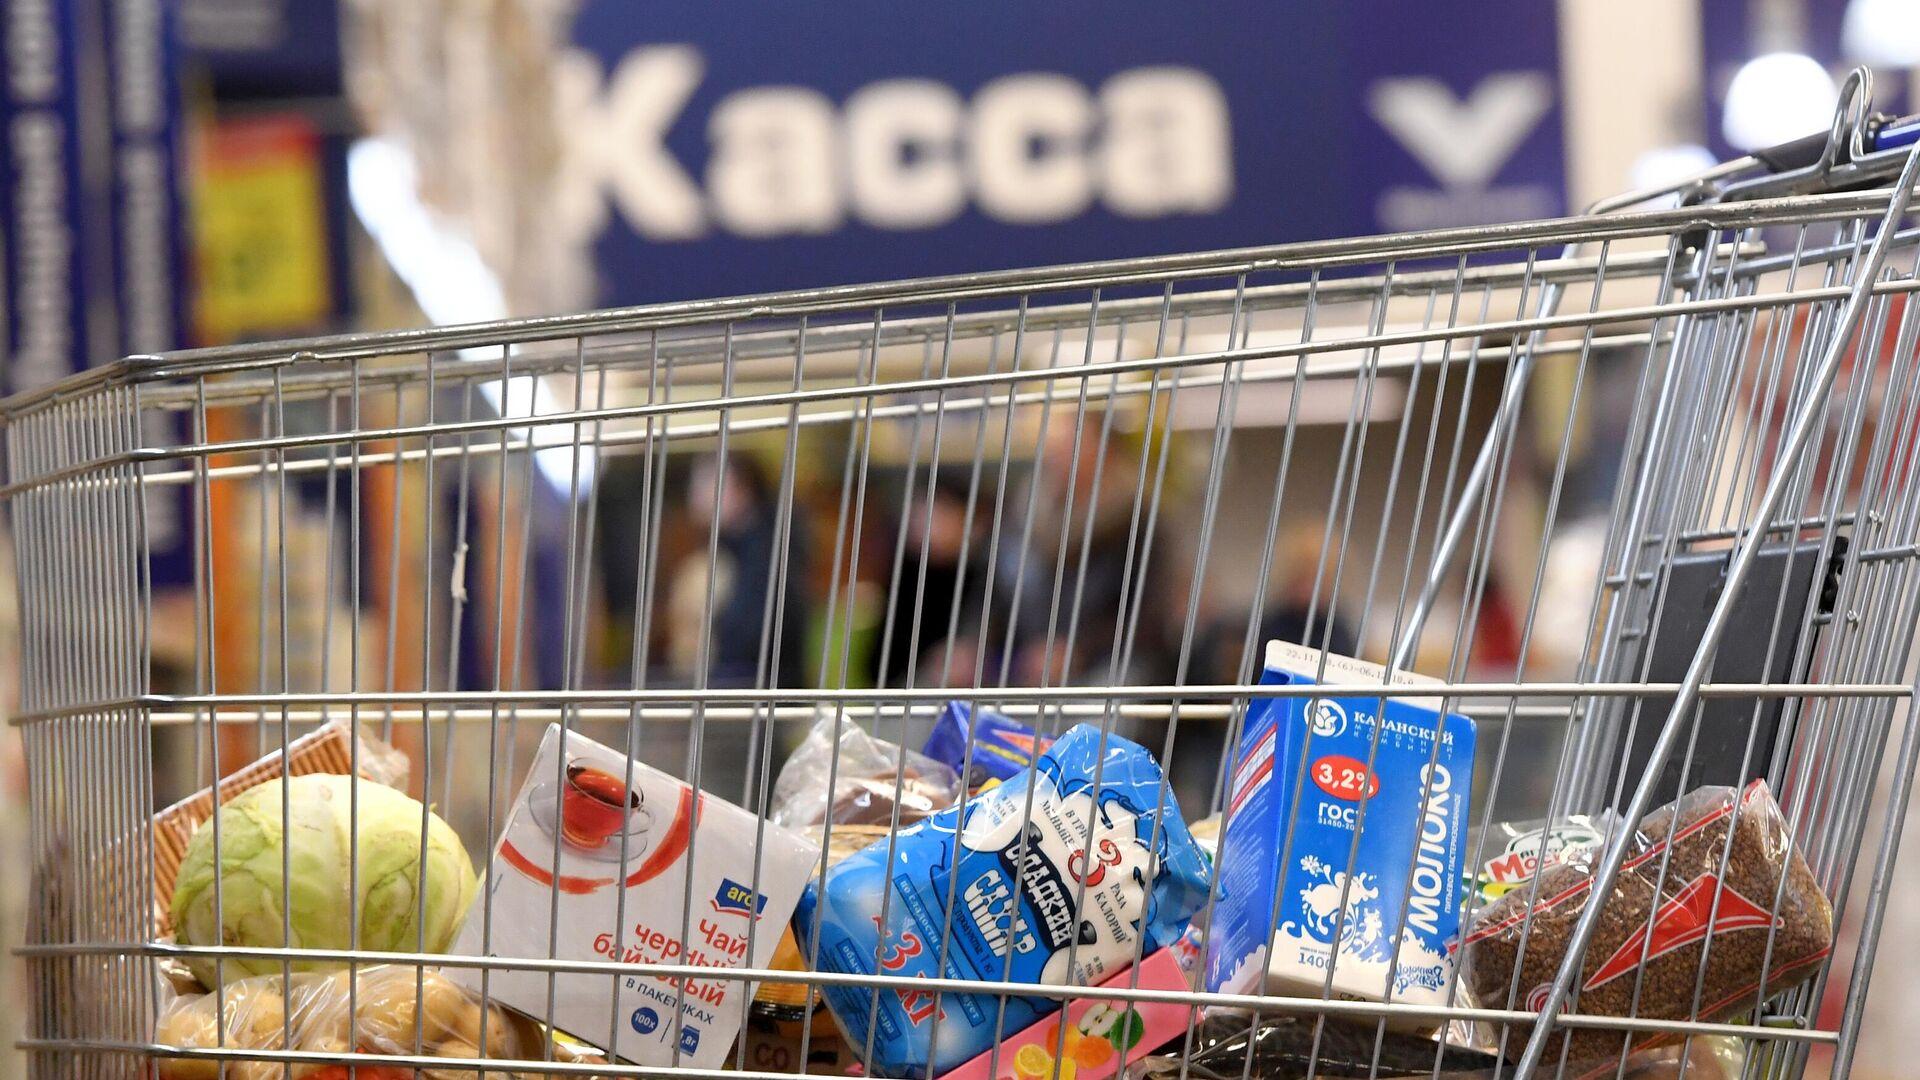 Тележка с продуктами в магазине - РИА Новости, 1920, 09.12.2020